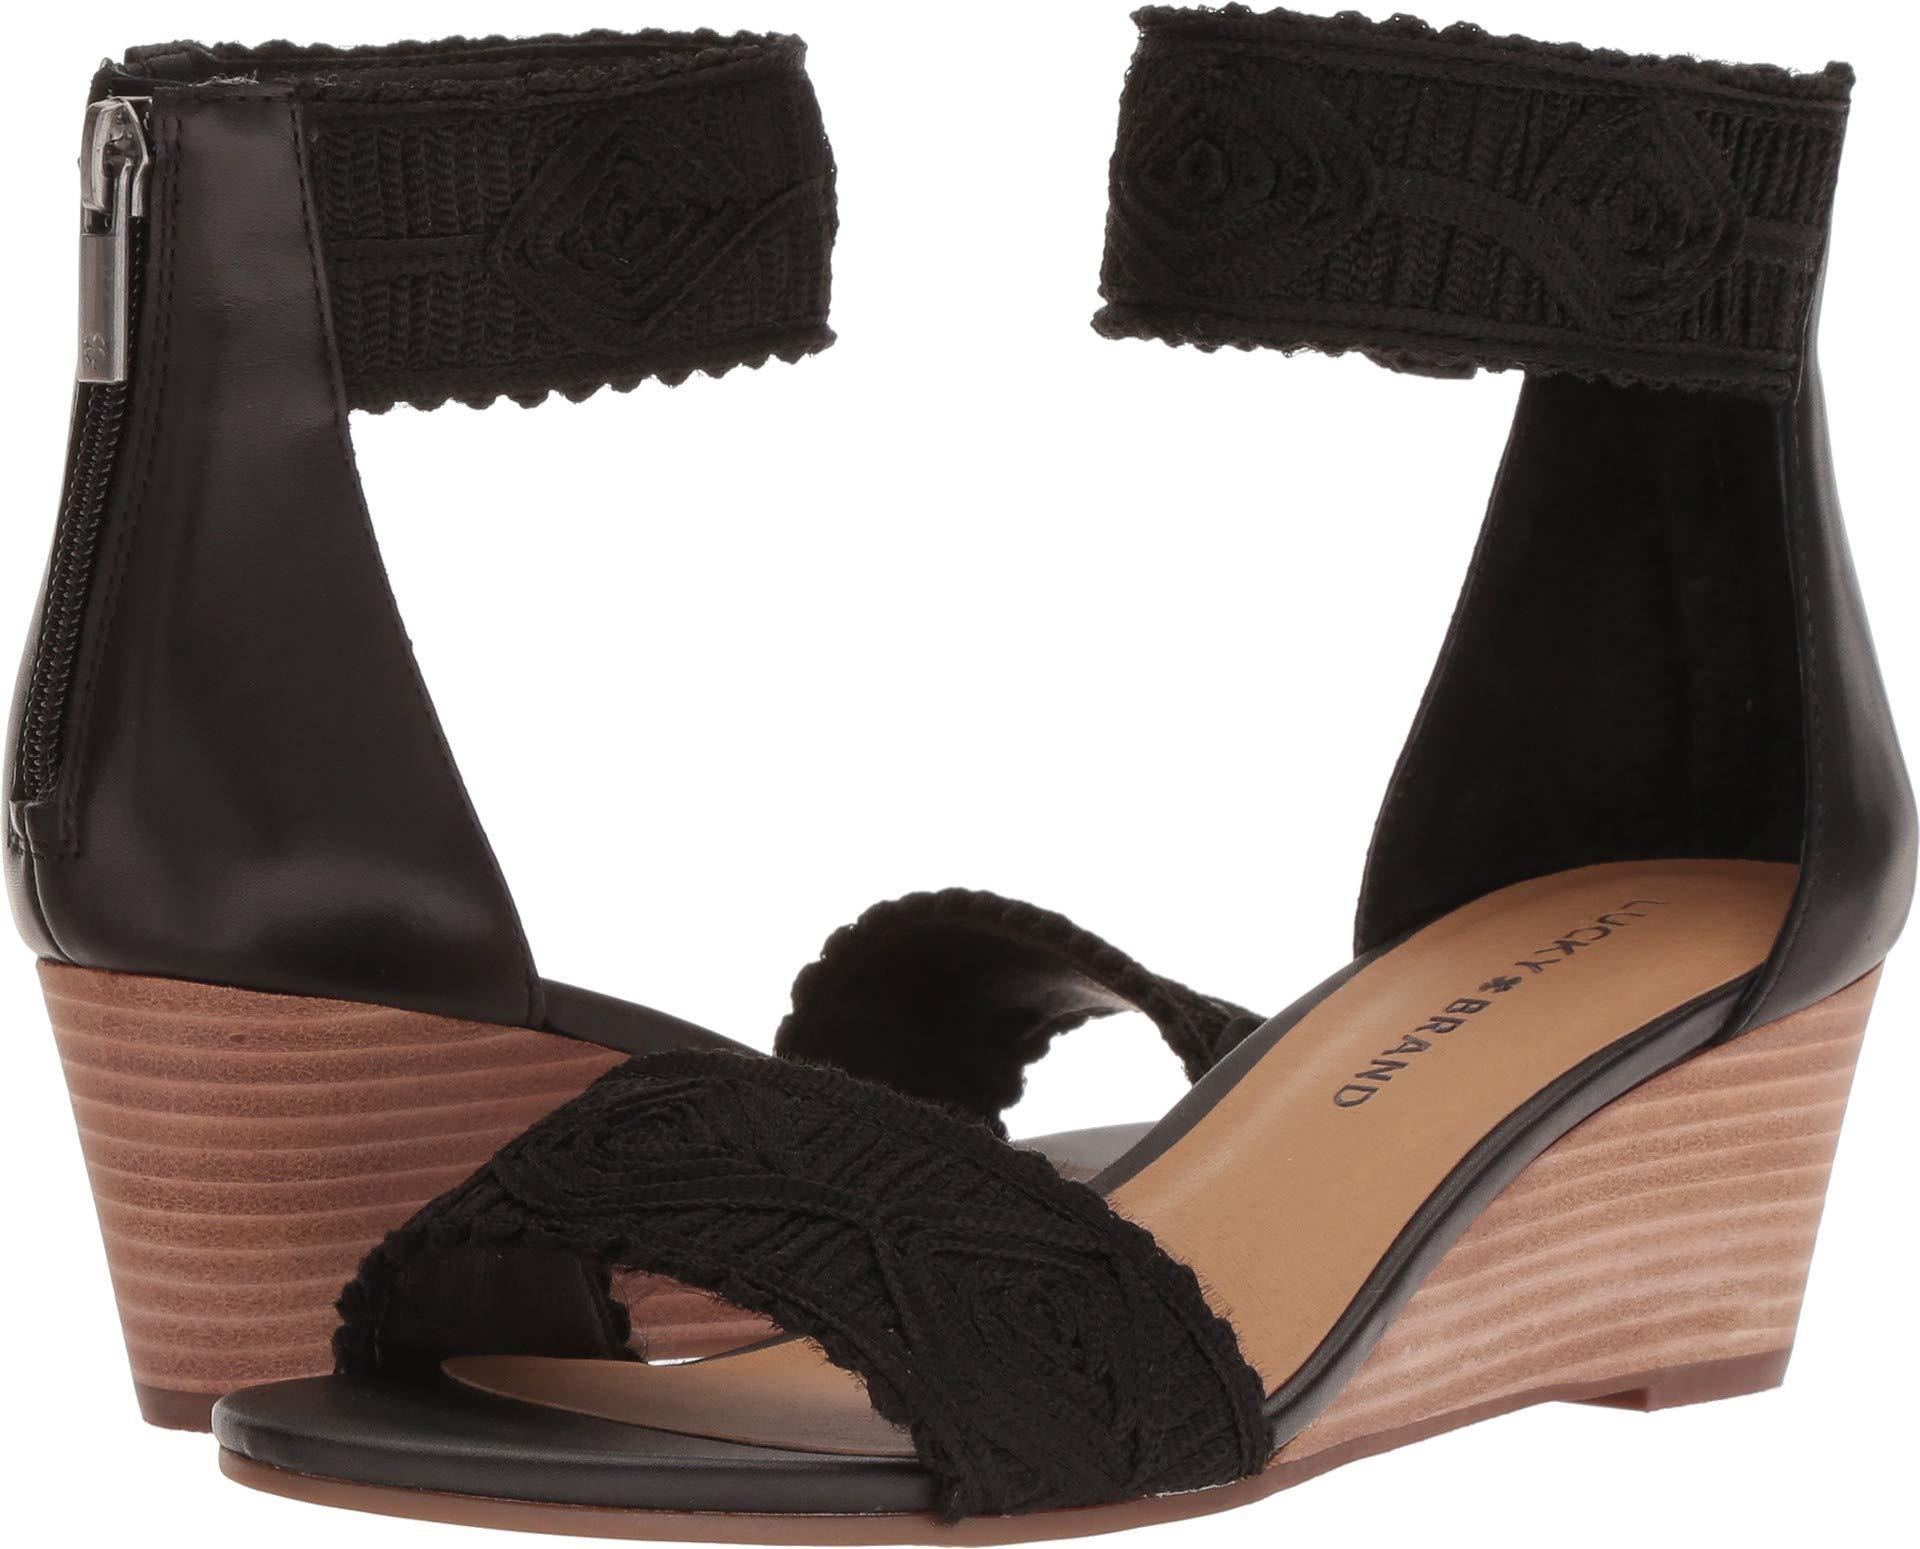 Lucky Brand Women's Joshelle Wedge Sandal, Black, 8 M US